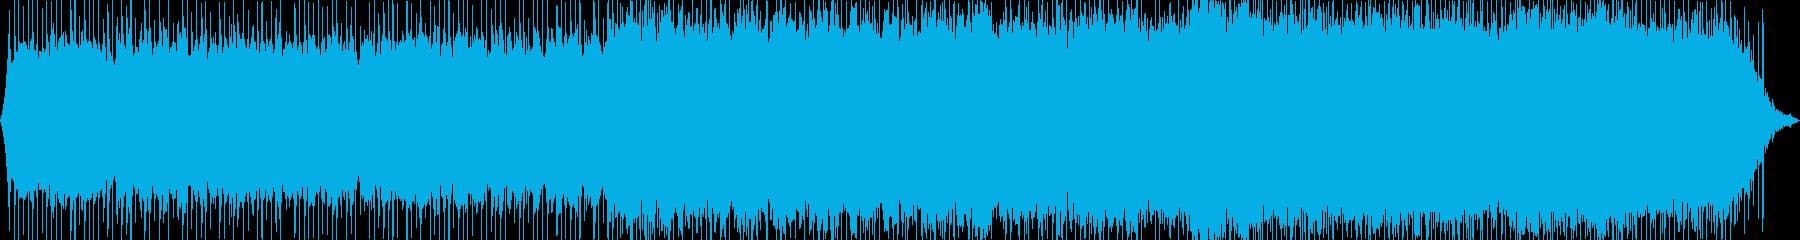 浮遊感のあるエレクトロチックな曲の再生済みの波形